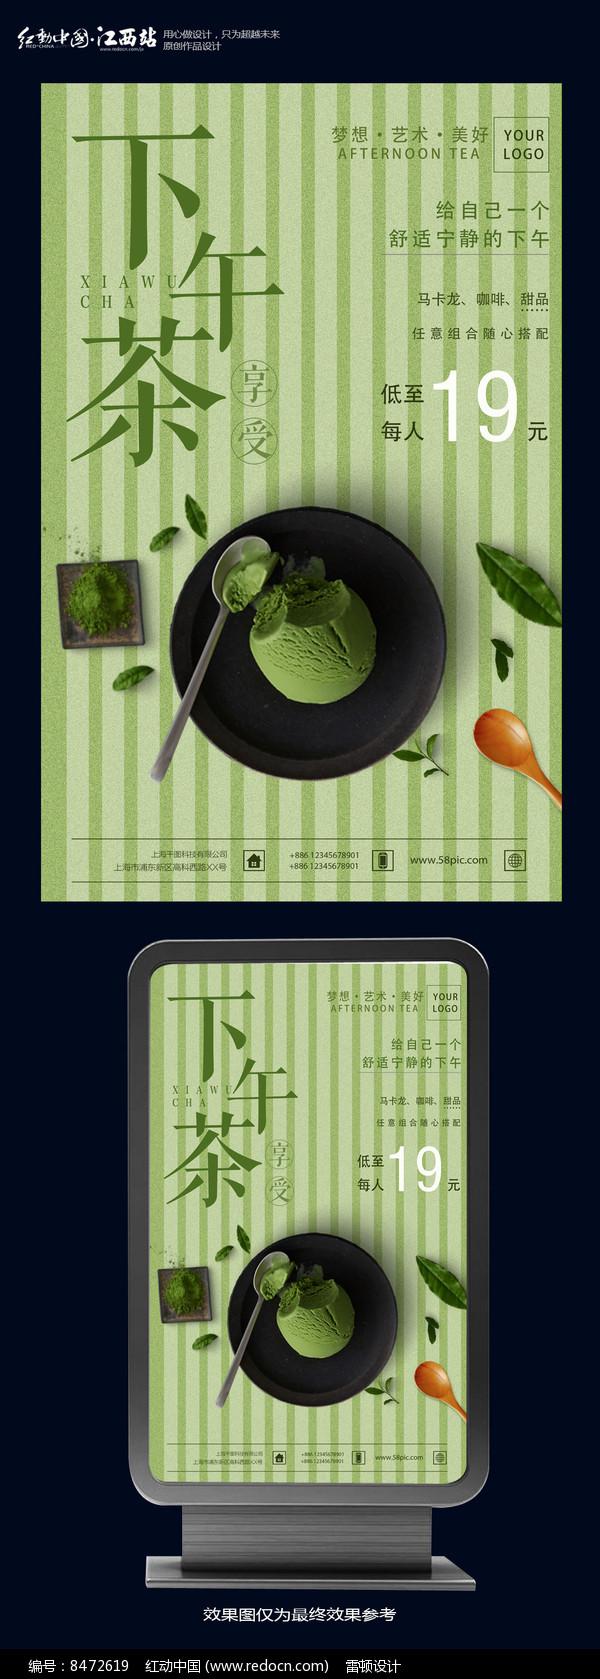 清新下午茶海报设计